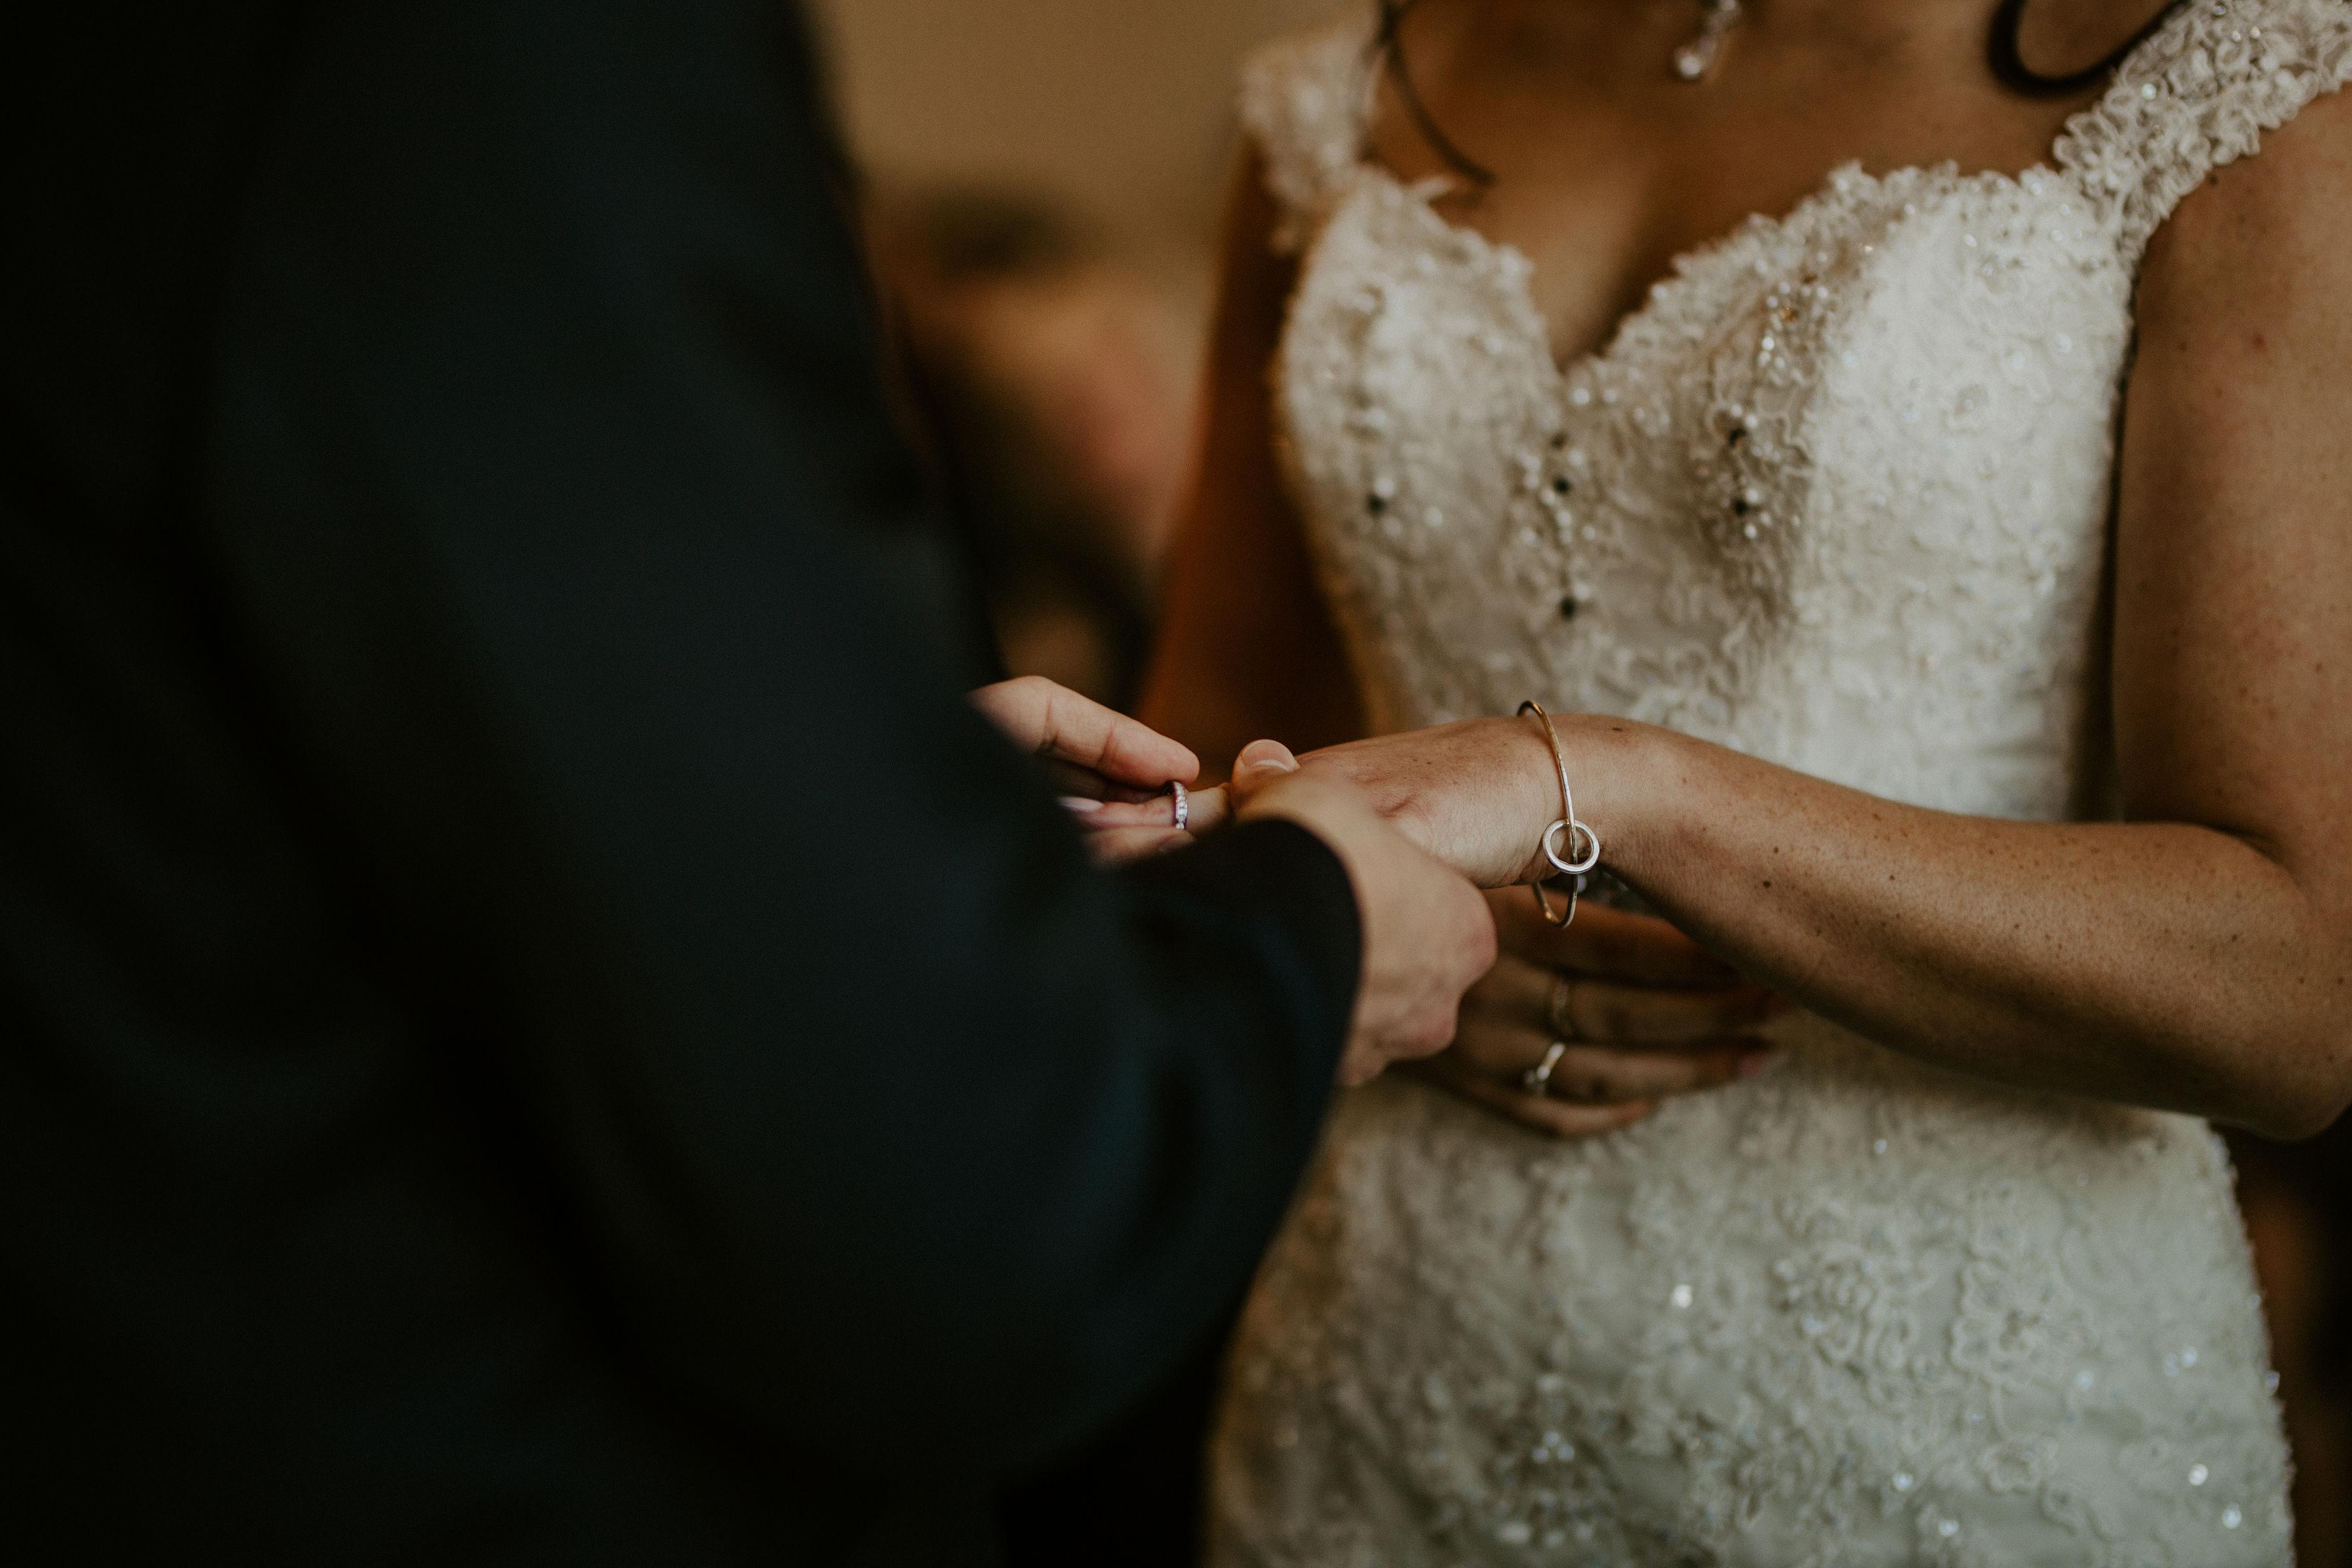 Groom puts brides ring on her finger